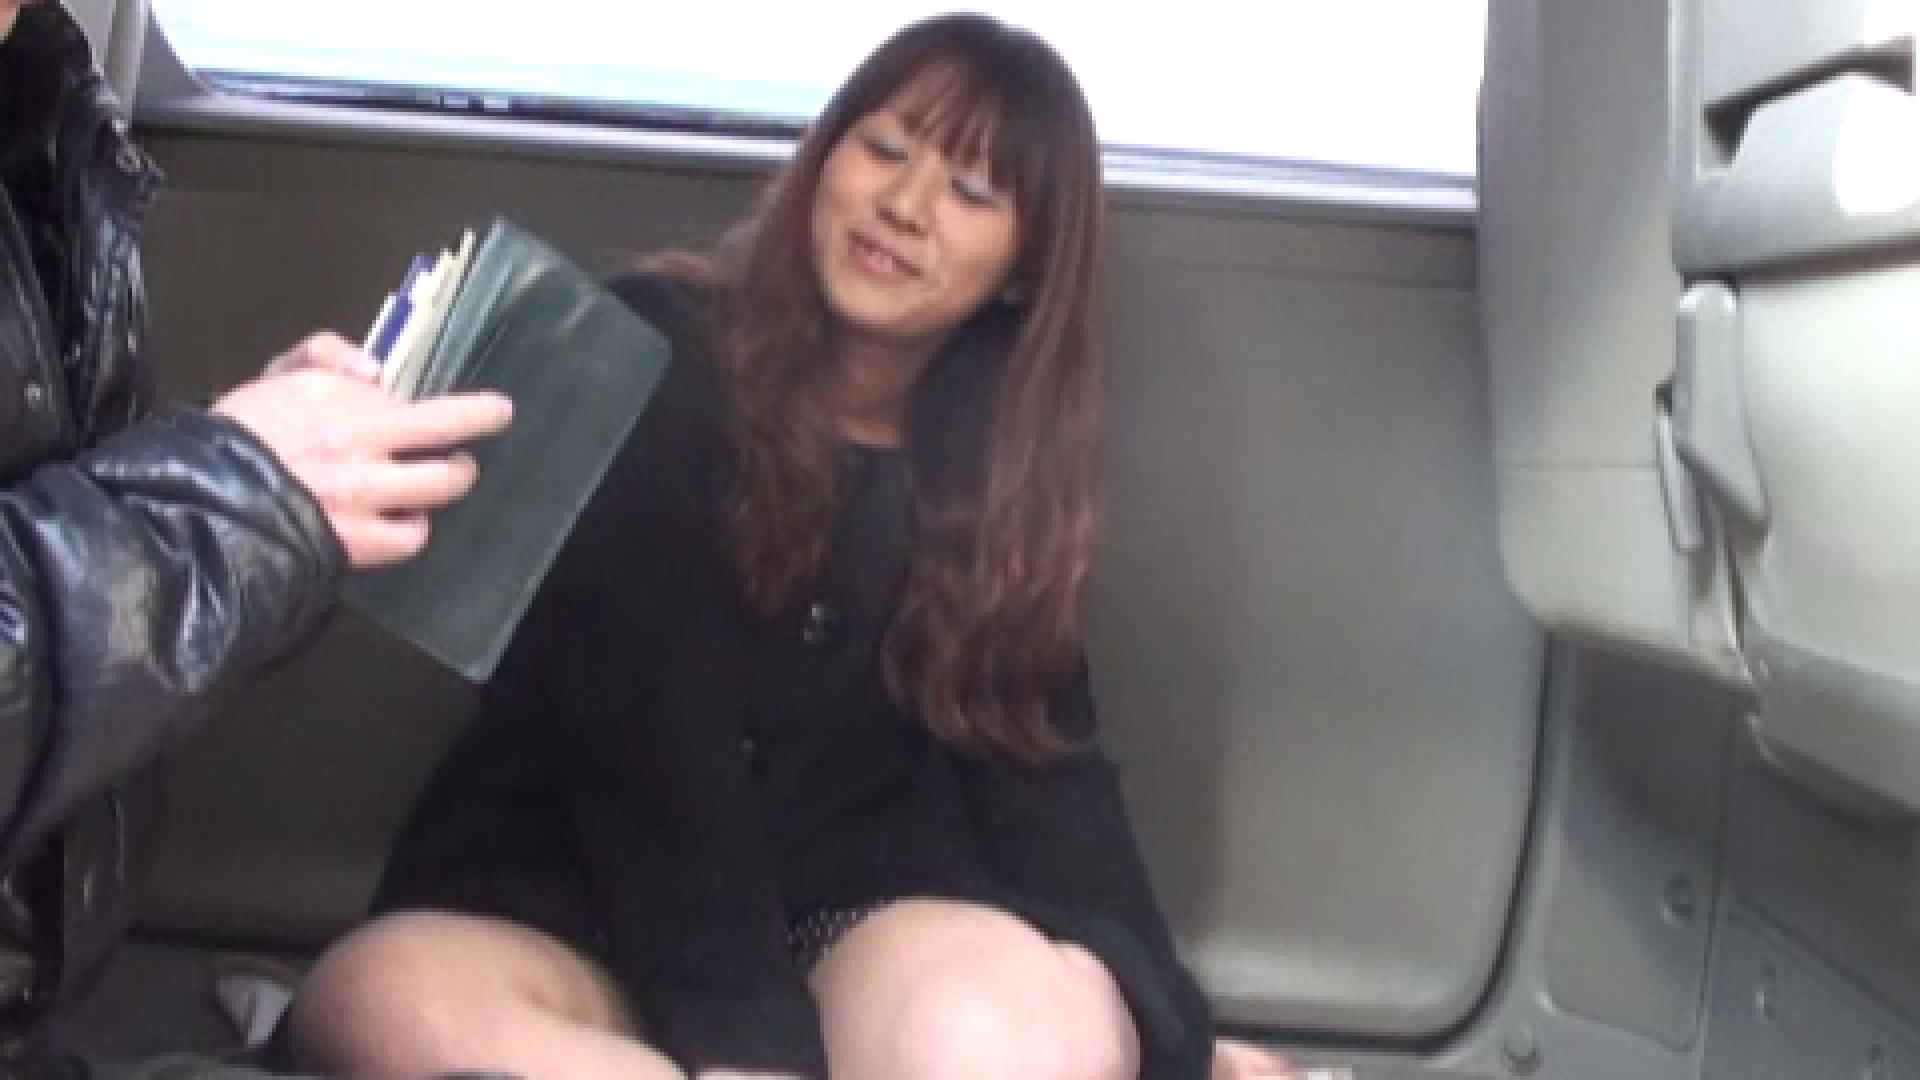 三万円でどうですか? vol.01 出会い系 オマンコ無修正動画無料 55連発 15